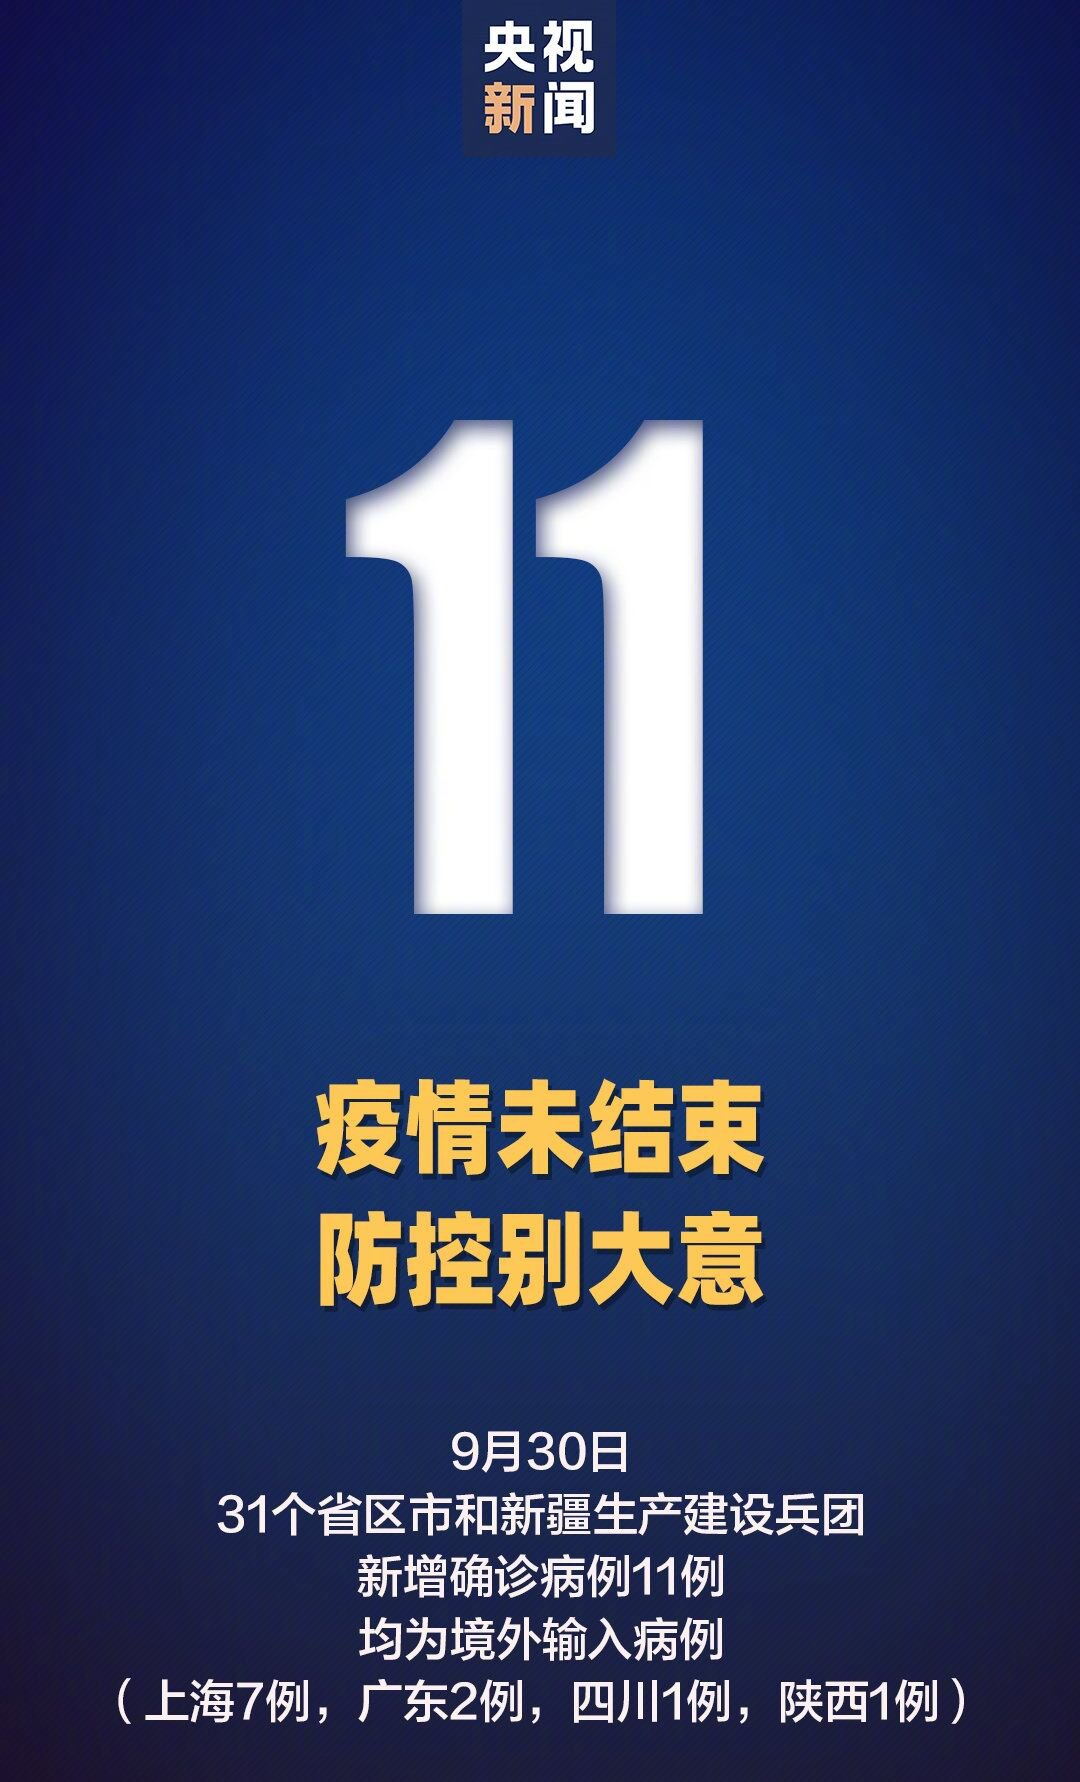 9月30日31省区市新增境外输入11例